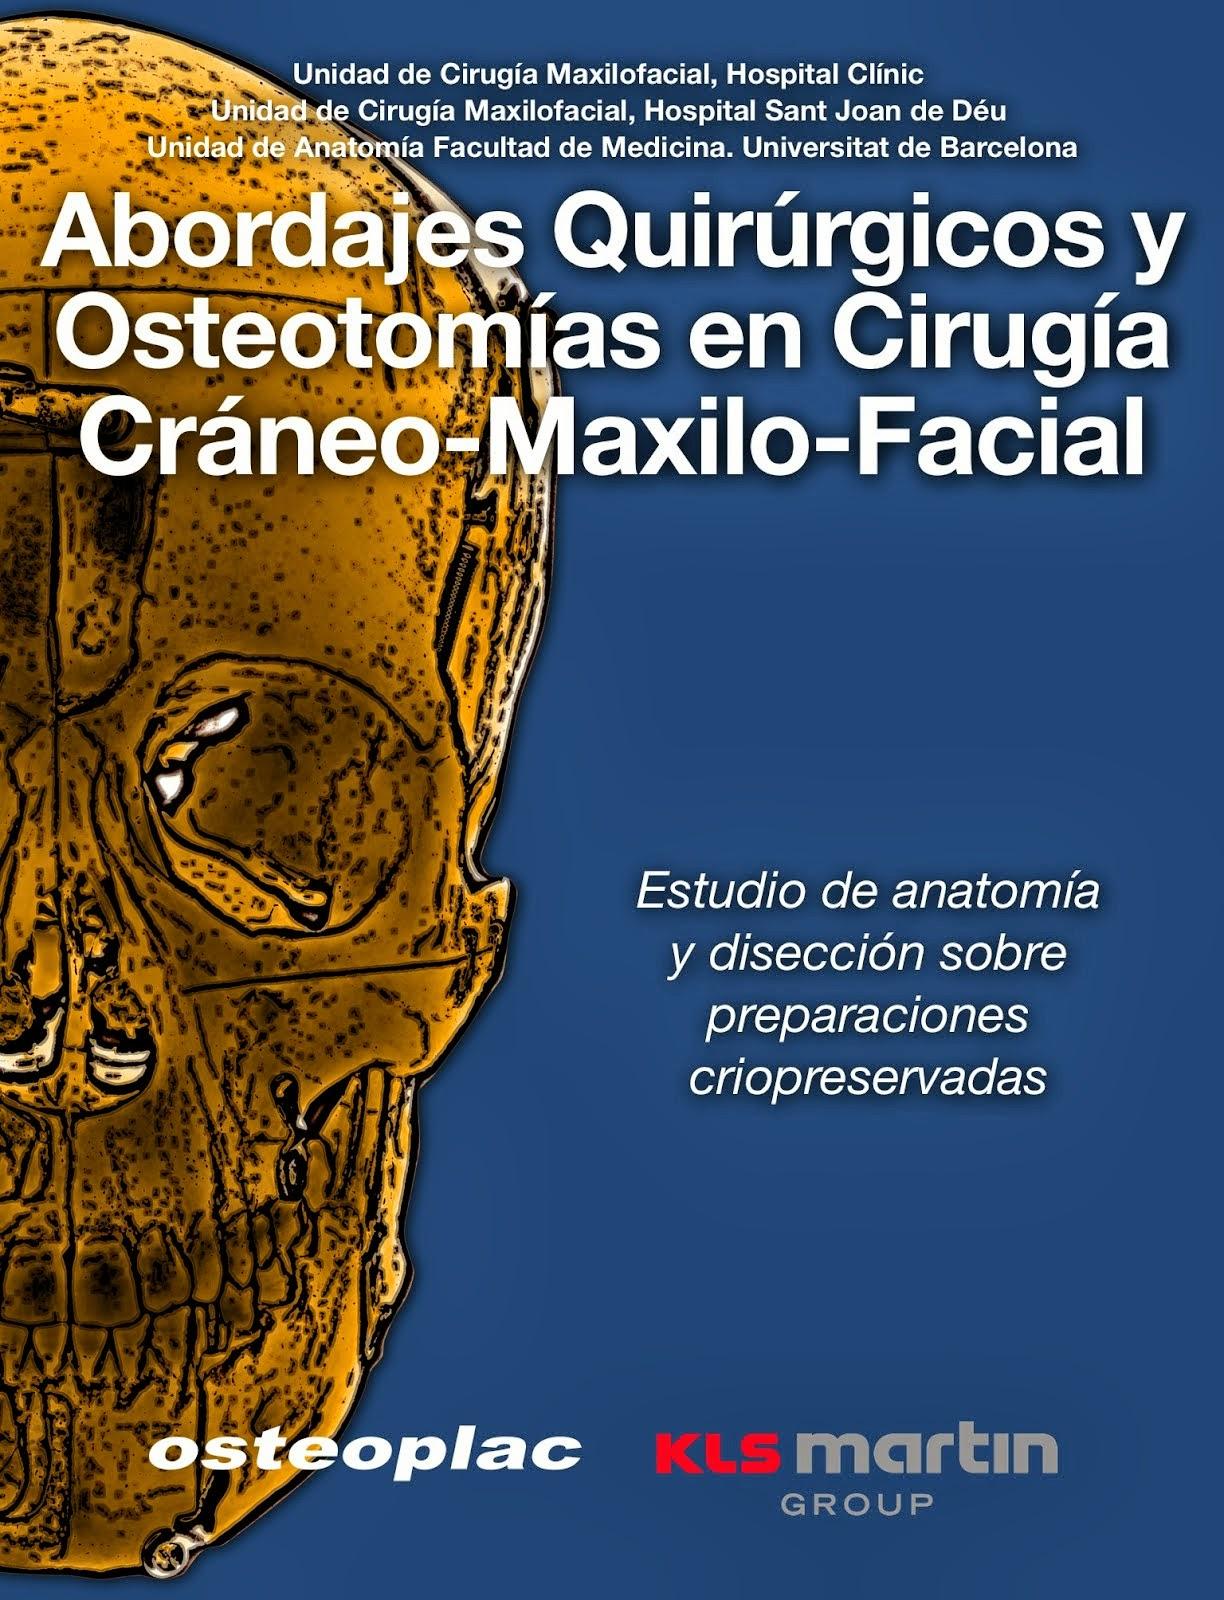 Libro Osteotomías y Abordajes Quirúrgicos